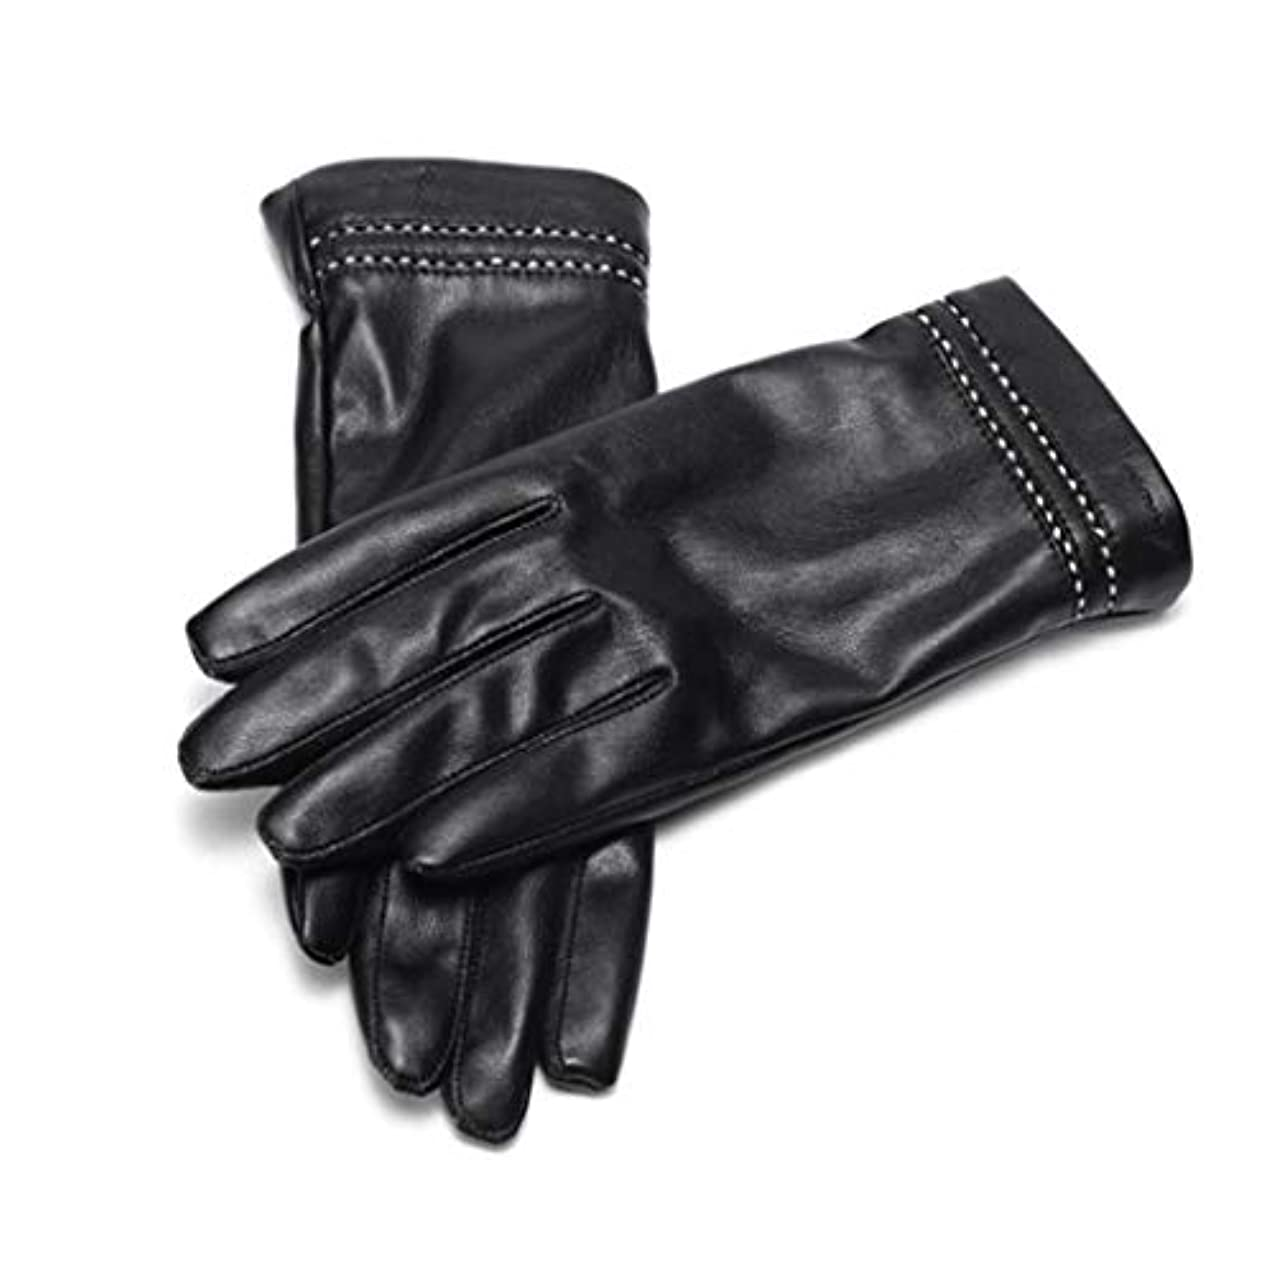 ずるいへこみ接続女性の革手袋秋と冬のファッションプラスベルベット暖かい滑り止めのタッチスクリーン革手袋の女性671141003黒